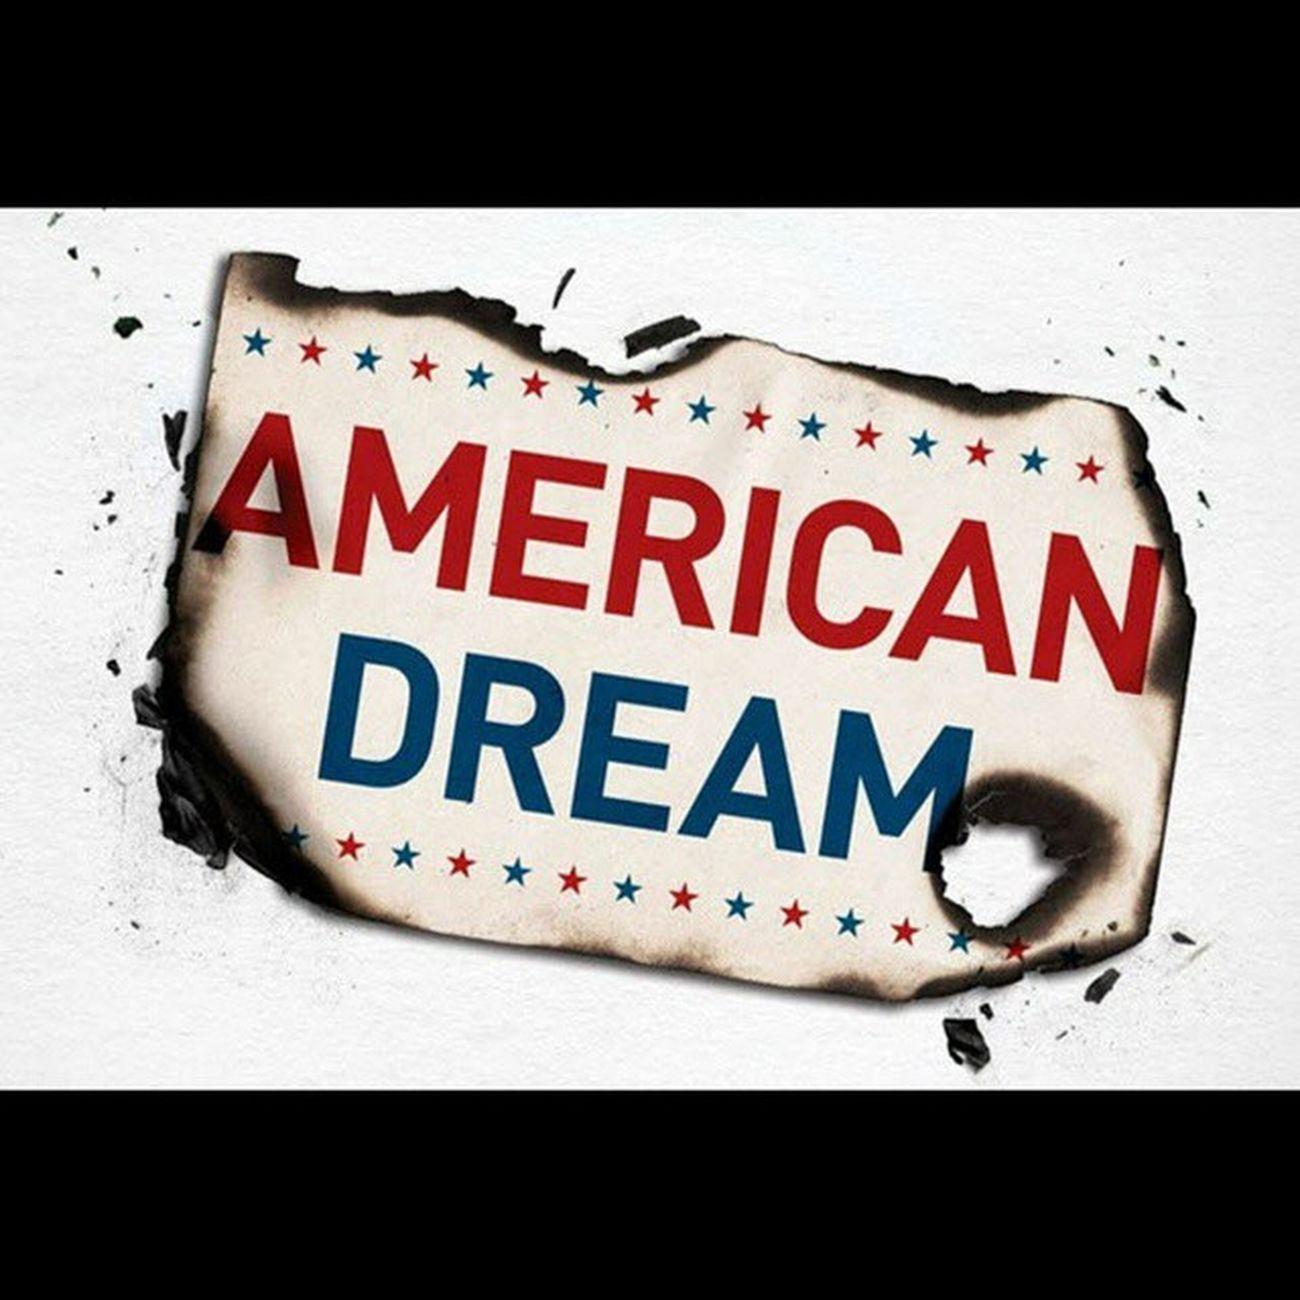 . . . رویای خام : روی دیگر رویای_امریکایی . . (Face off American_dream ) . . . ایام جوانی به دوران آرمانگرایی و رویاپردازی شهره است و شاید زیباترین ویژگی جوانی نیز همین خصلت زیبا باشد اما تا چه حد رویا پردازی صحیح و مفید است و زندگی را با چالش های غیرقابل کنترل روبرو نمی کند ؟ . شخصا تعداد زیادی از دانشجویان را از جنسیتها و سطوح مختلف علمی و اجتماعی می شناسم که مهاجرت و خروج از کشور آرزوی هر لحظه آنها است که غالبا این دلبستگی موجب تحمیل هزینه های مالی و روحی فراوان به خانواده هایشان می شود . در اینجا قصد نقد این عزیزان را ندارم اما این مطلب شاید برای مطالعه ایشان مفید باشد : http://goo.gl/vHIbnu . مهاجرت . پناهندگی . نوید_کمالی . American . Immigration . Navidkamali . Nkamali_ir . USA